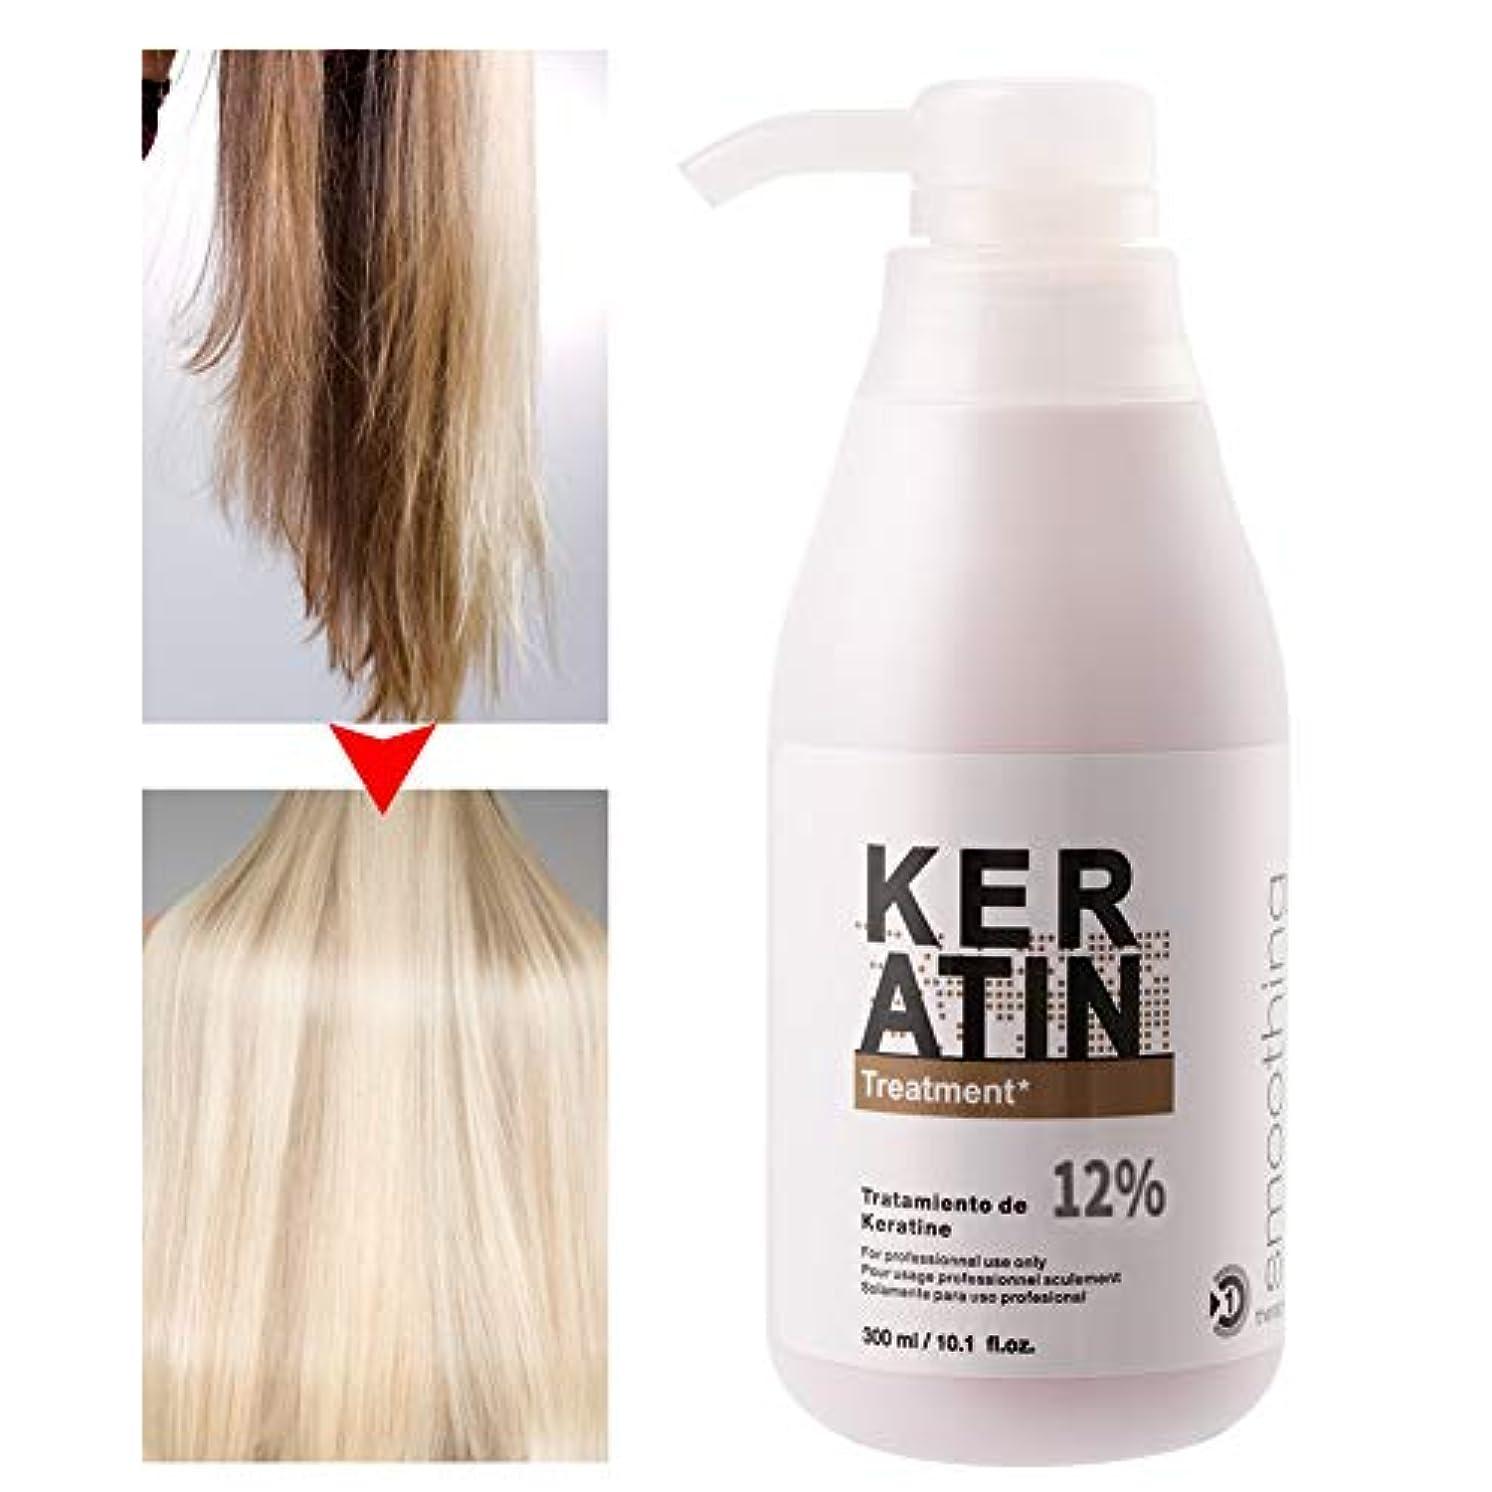 原告専門化する白雪姫2本乾いた、ダメージを受けた、300ml傷んだ髪の修復ケラチンプロフェッショナルな結果髪をまっすぐにして滑らかにします(5%髪のケラチン+12%髪のケラチン)